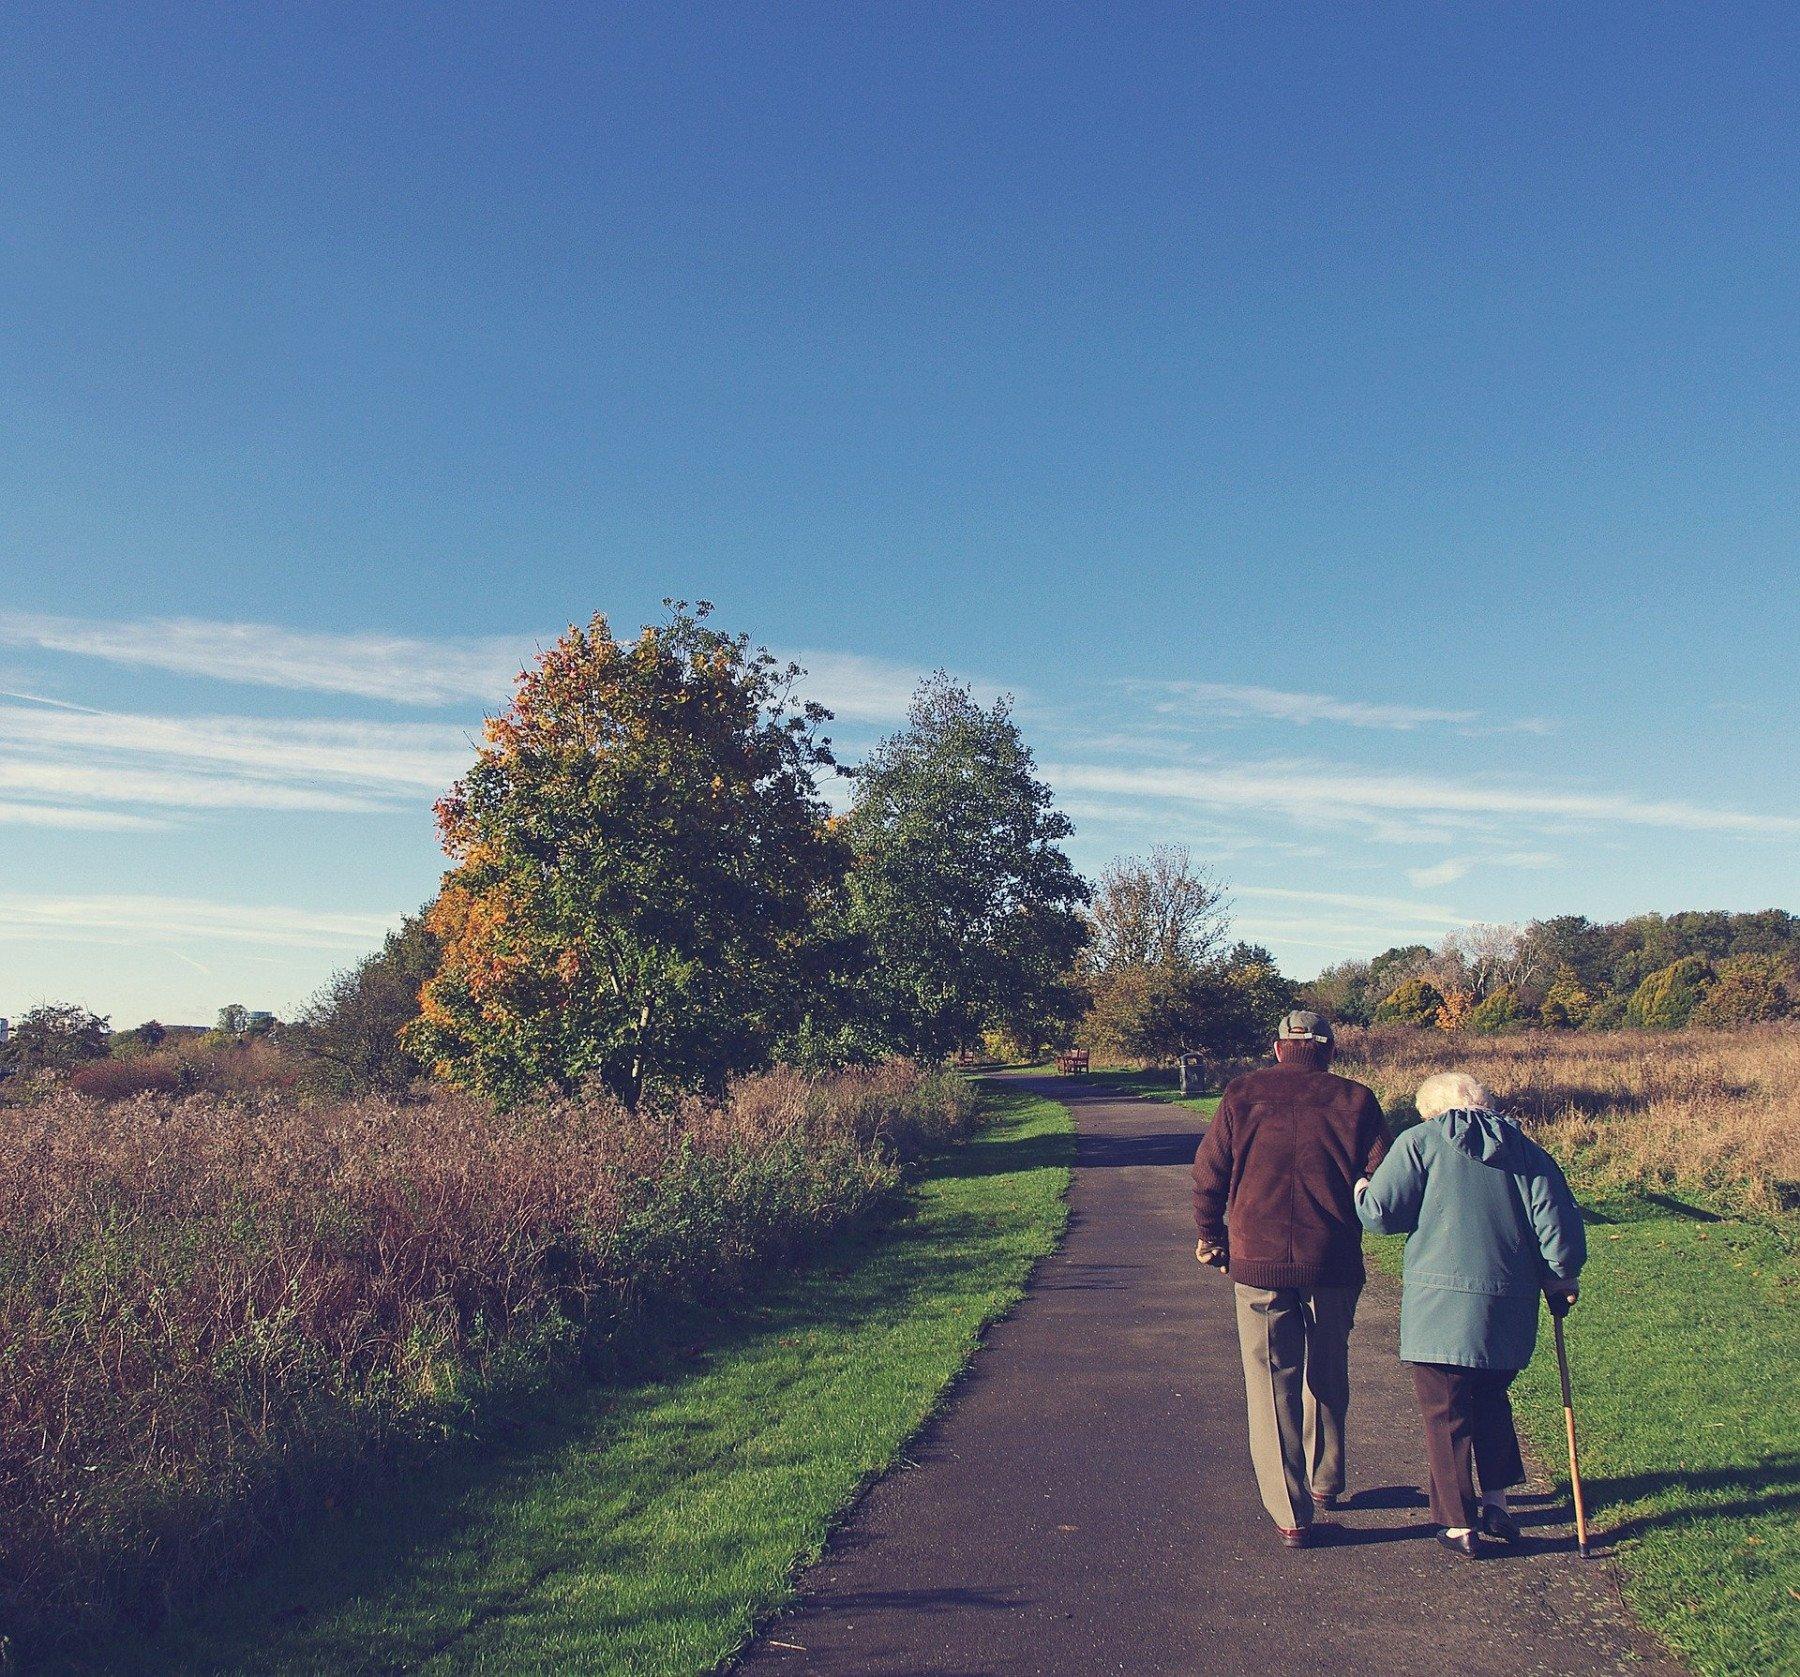 Två äldre personer går på en grusväg i naturen